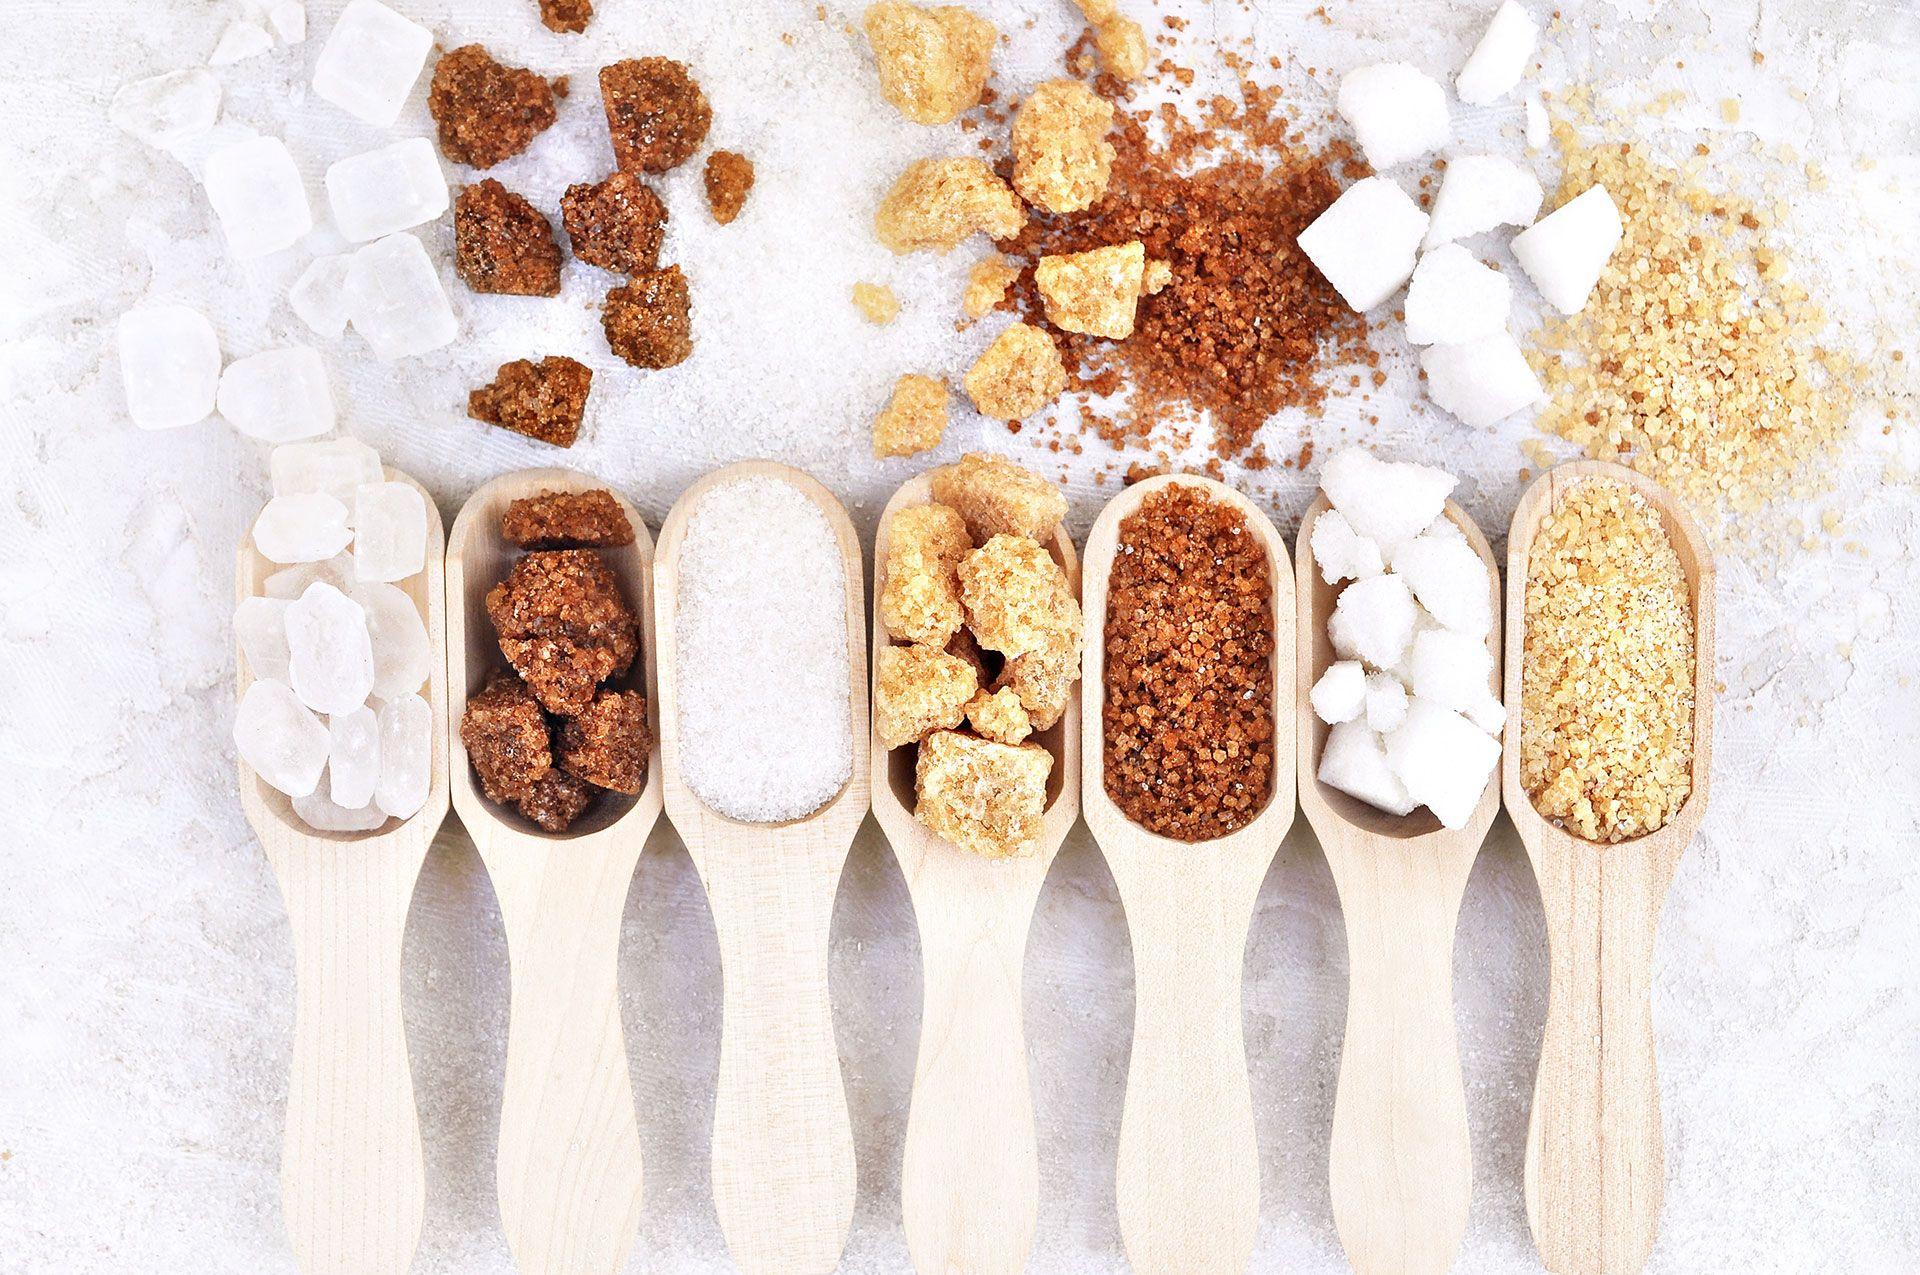 Dlaczego cukier jest słodki?